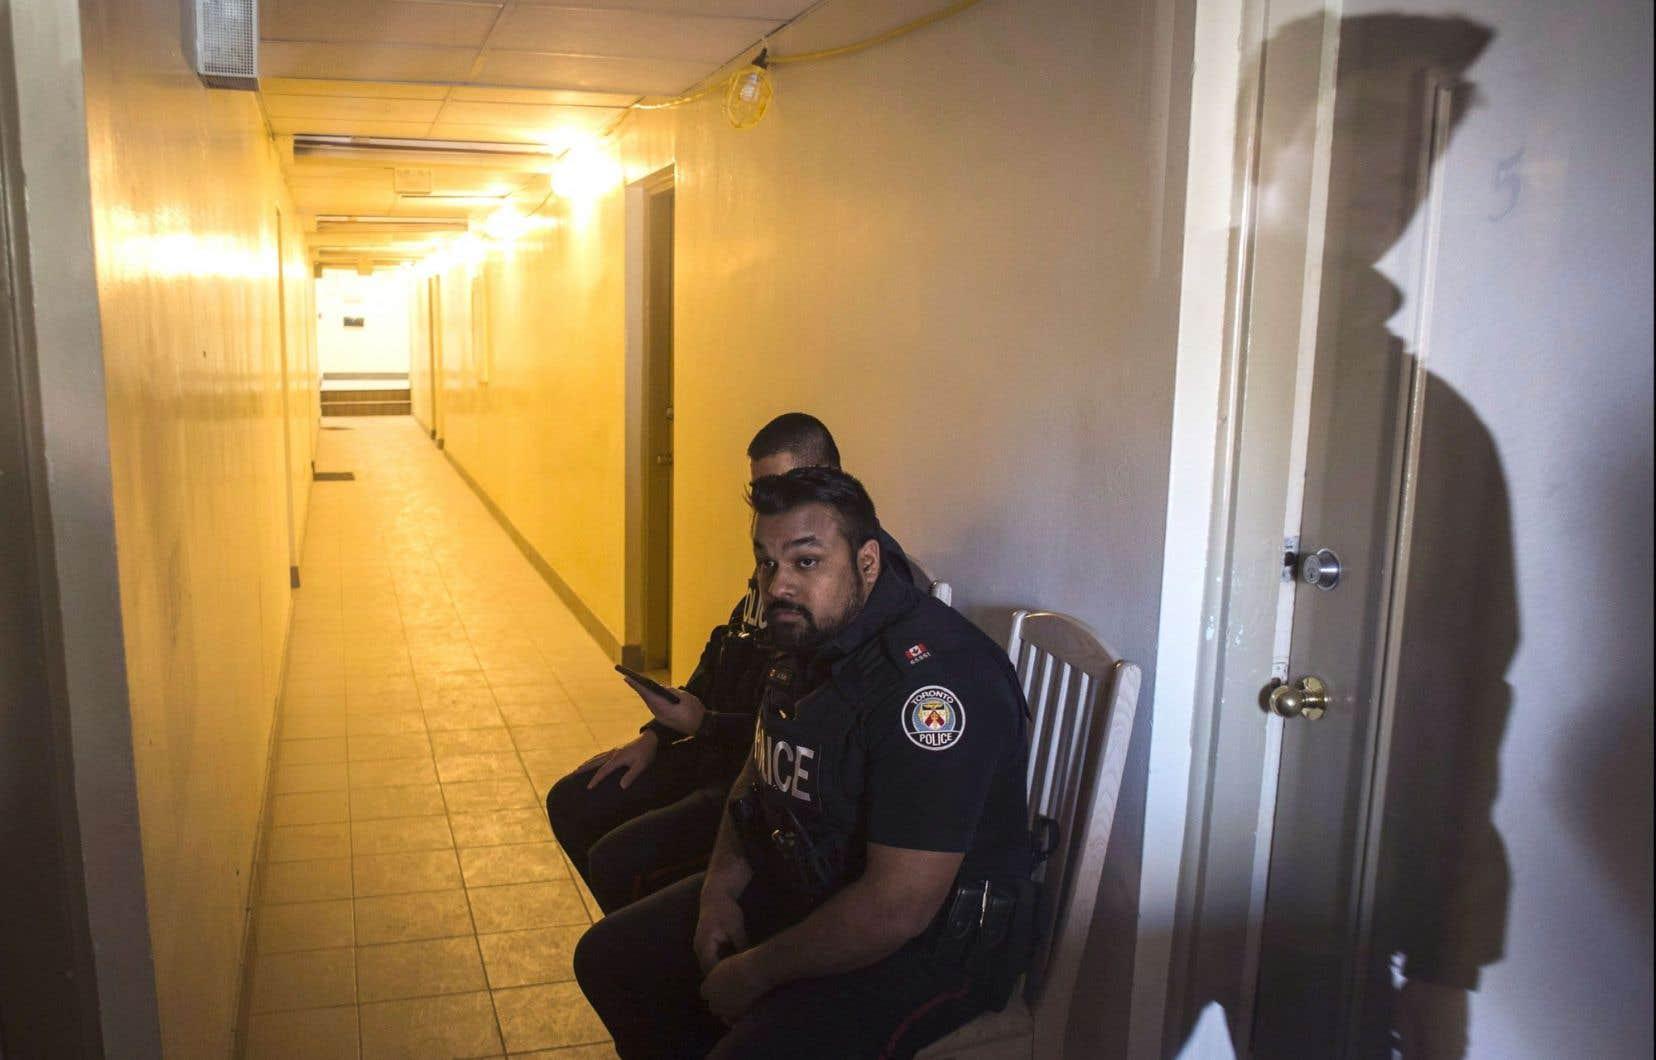 Des policiers gardent l'entrée de la résidence du suspect, Ayanle Hassan Ali, mardi à Etobicoke.